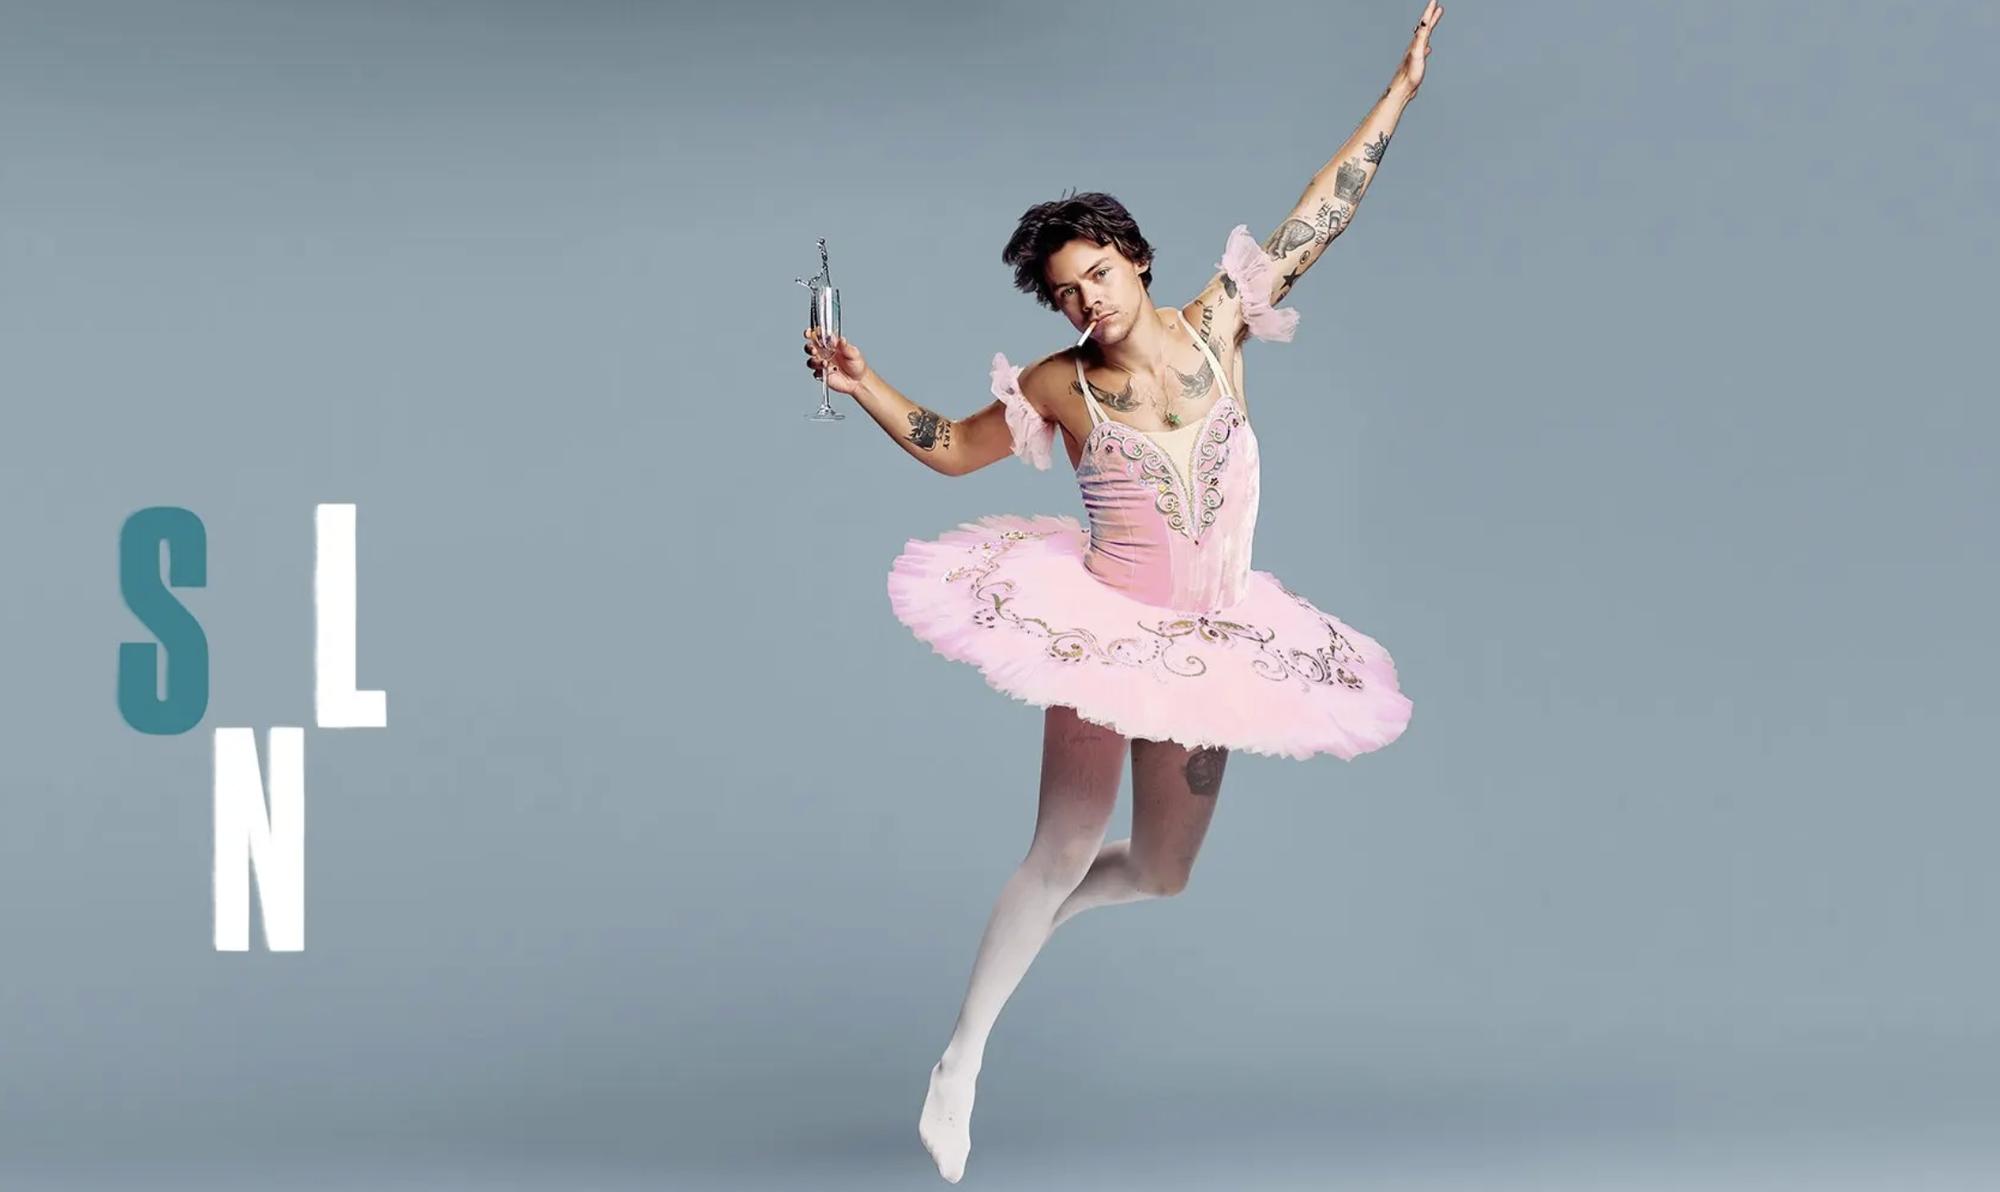 harry styles ballerina